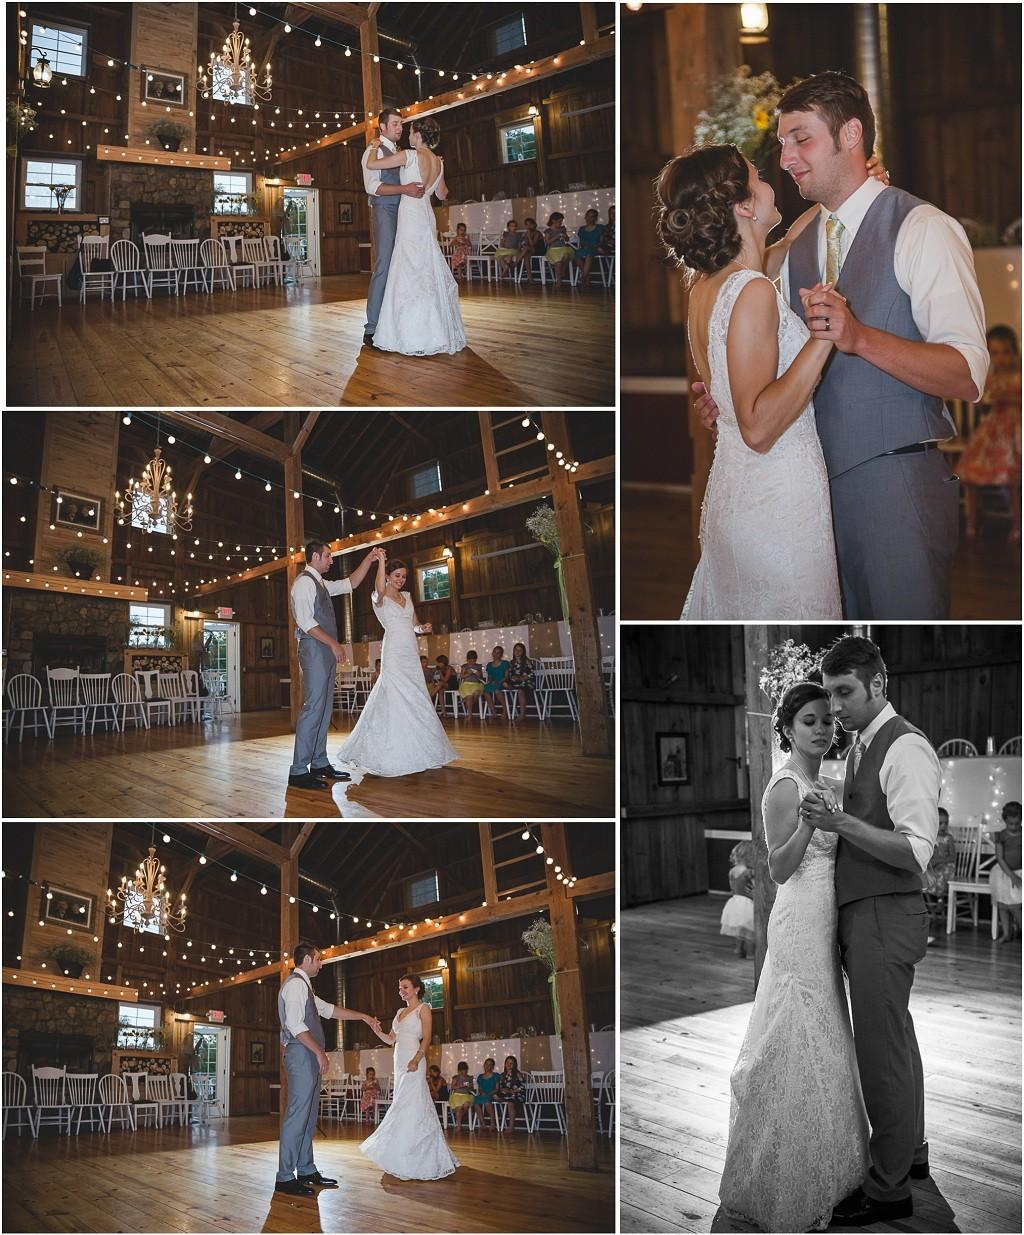 Wedding Photographer Poynette